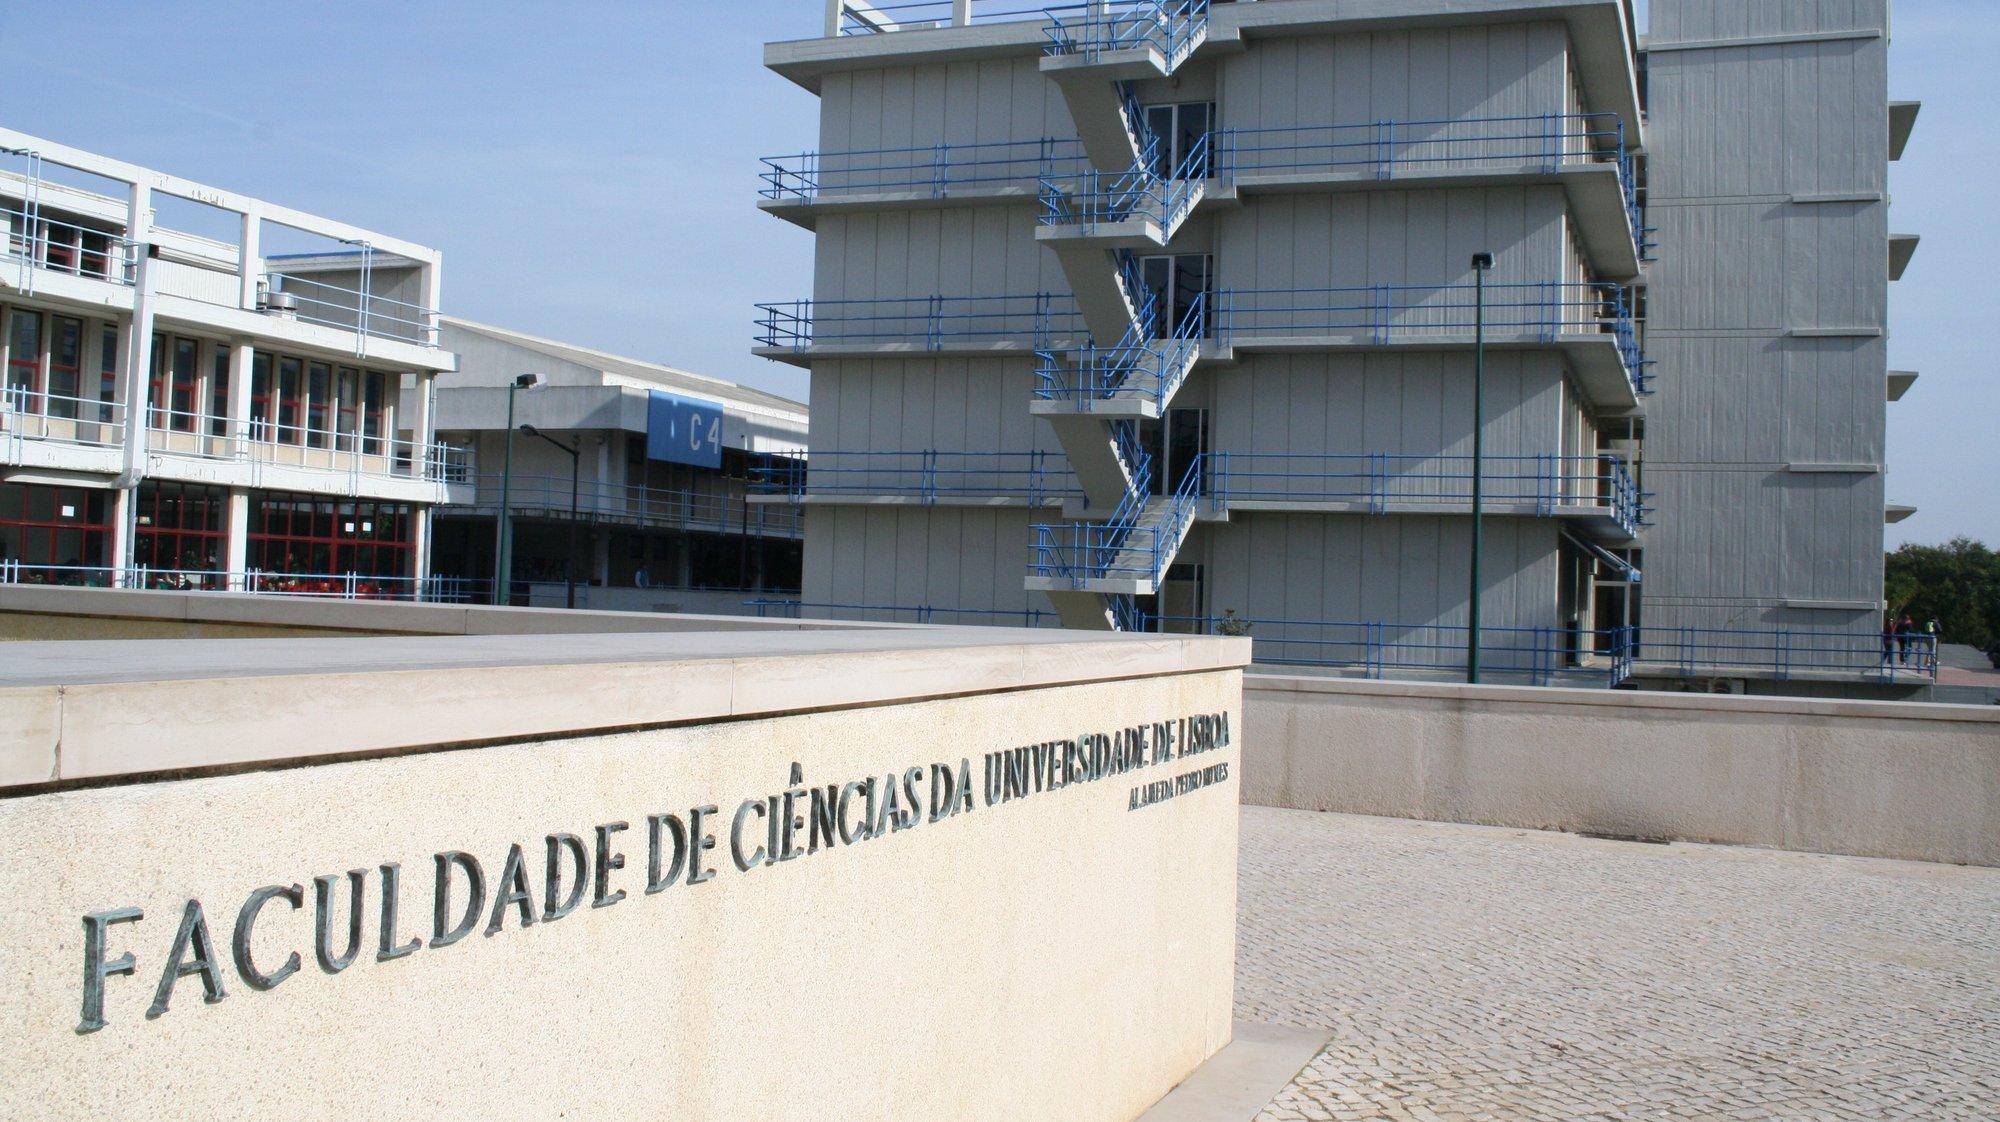 Faculdade de Ciências da Universidade de Lisboa a 21 de Janeiro de 2008.MAFALDA LEITAO / LUSA